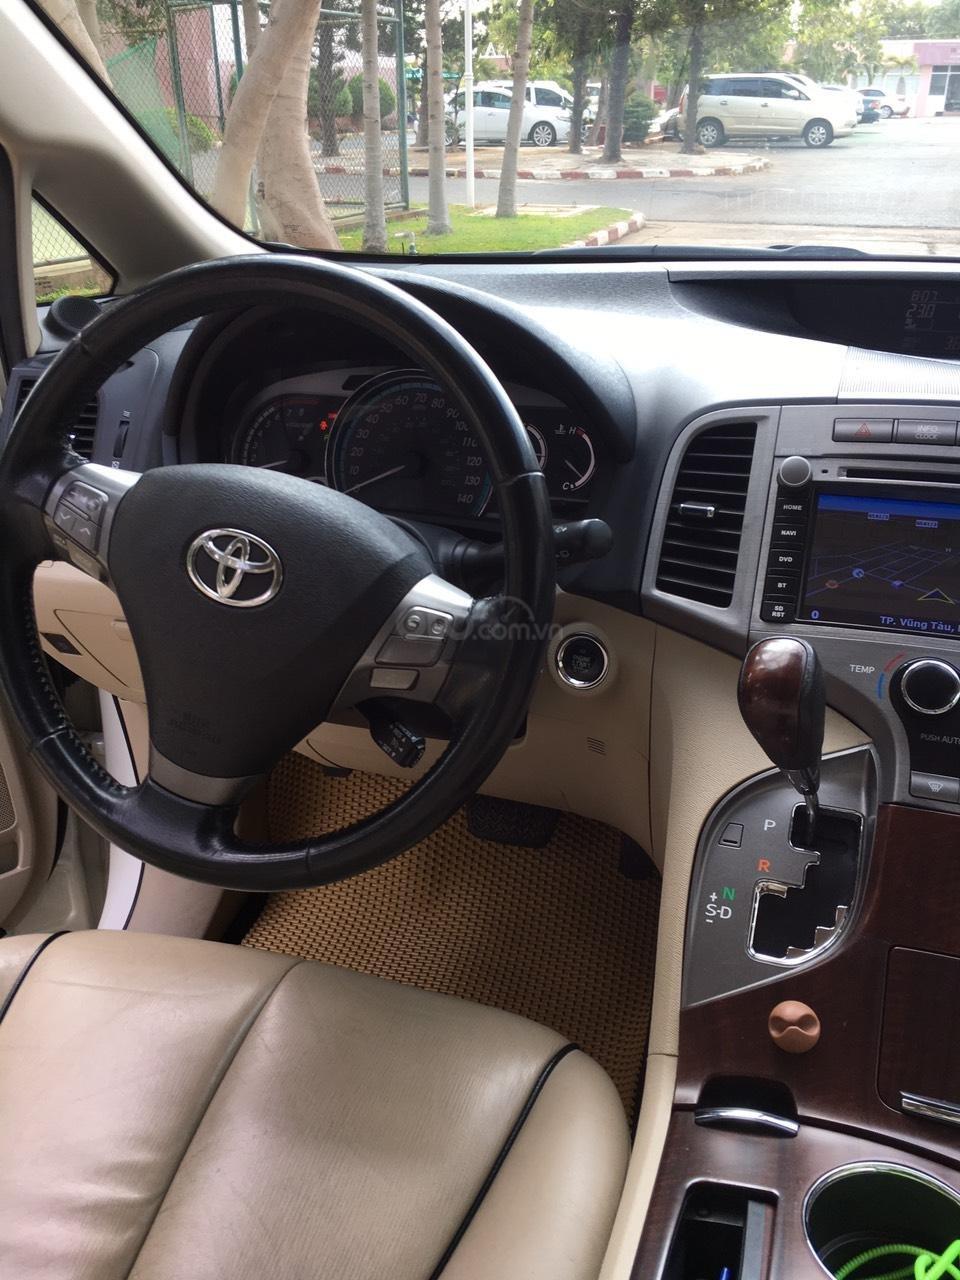 Cần bán 01 xe Toyota Venza, xe nhà it đi, nội thất ok-3